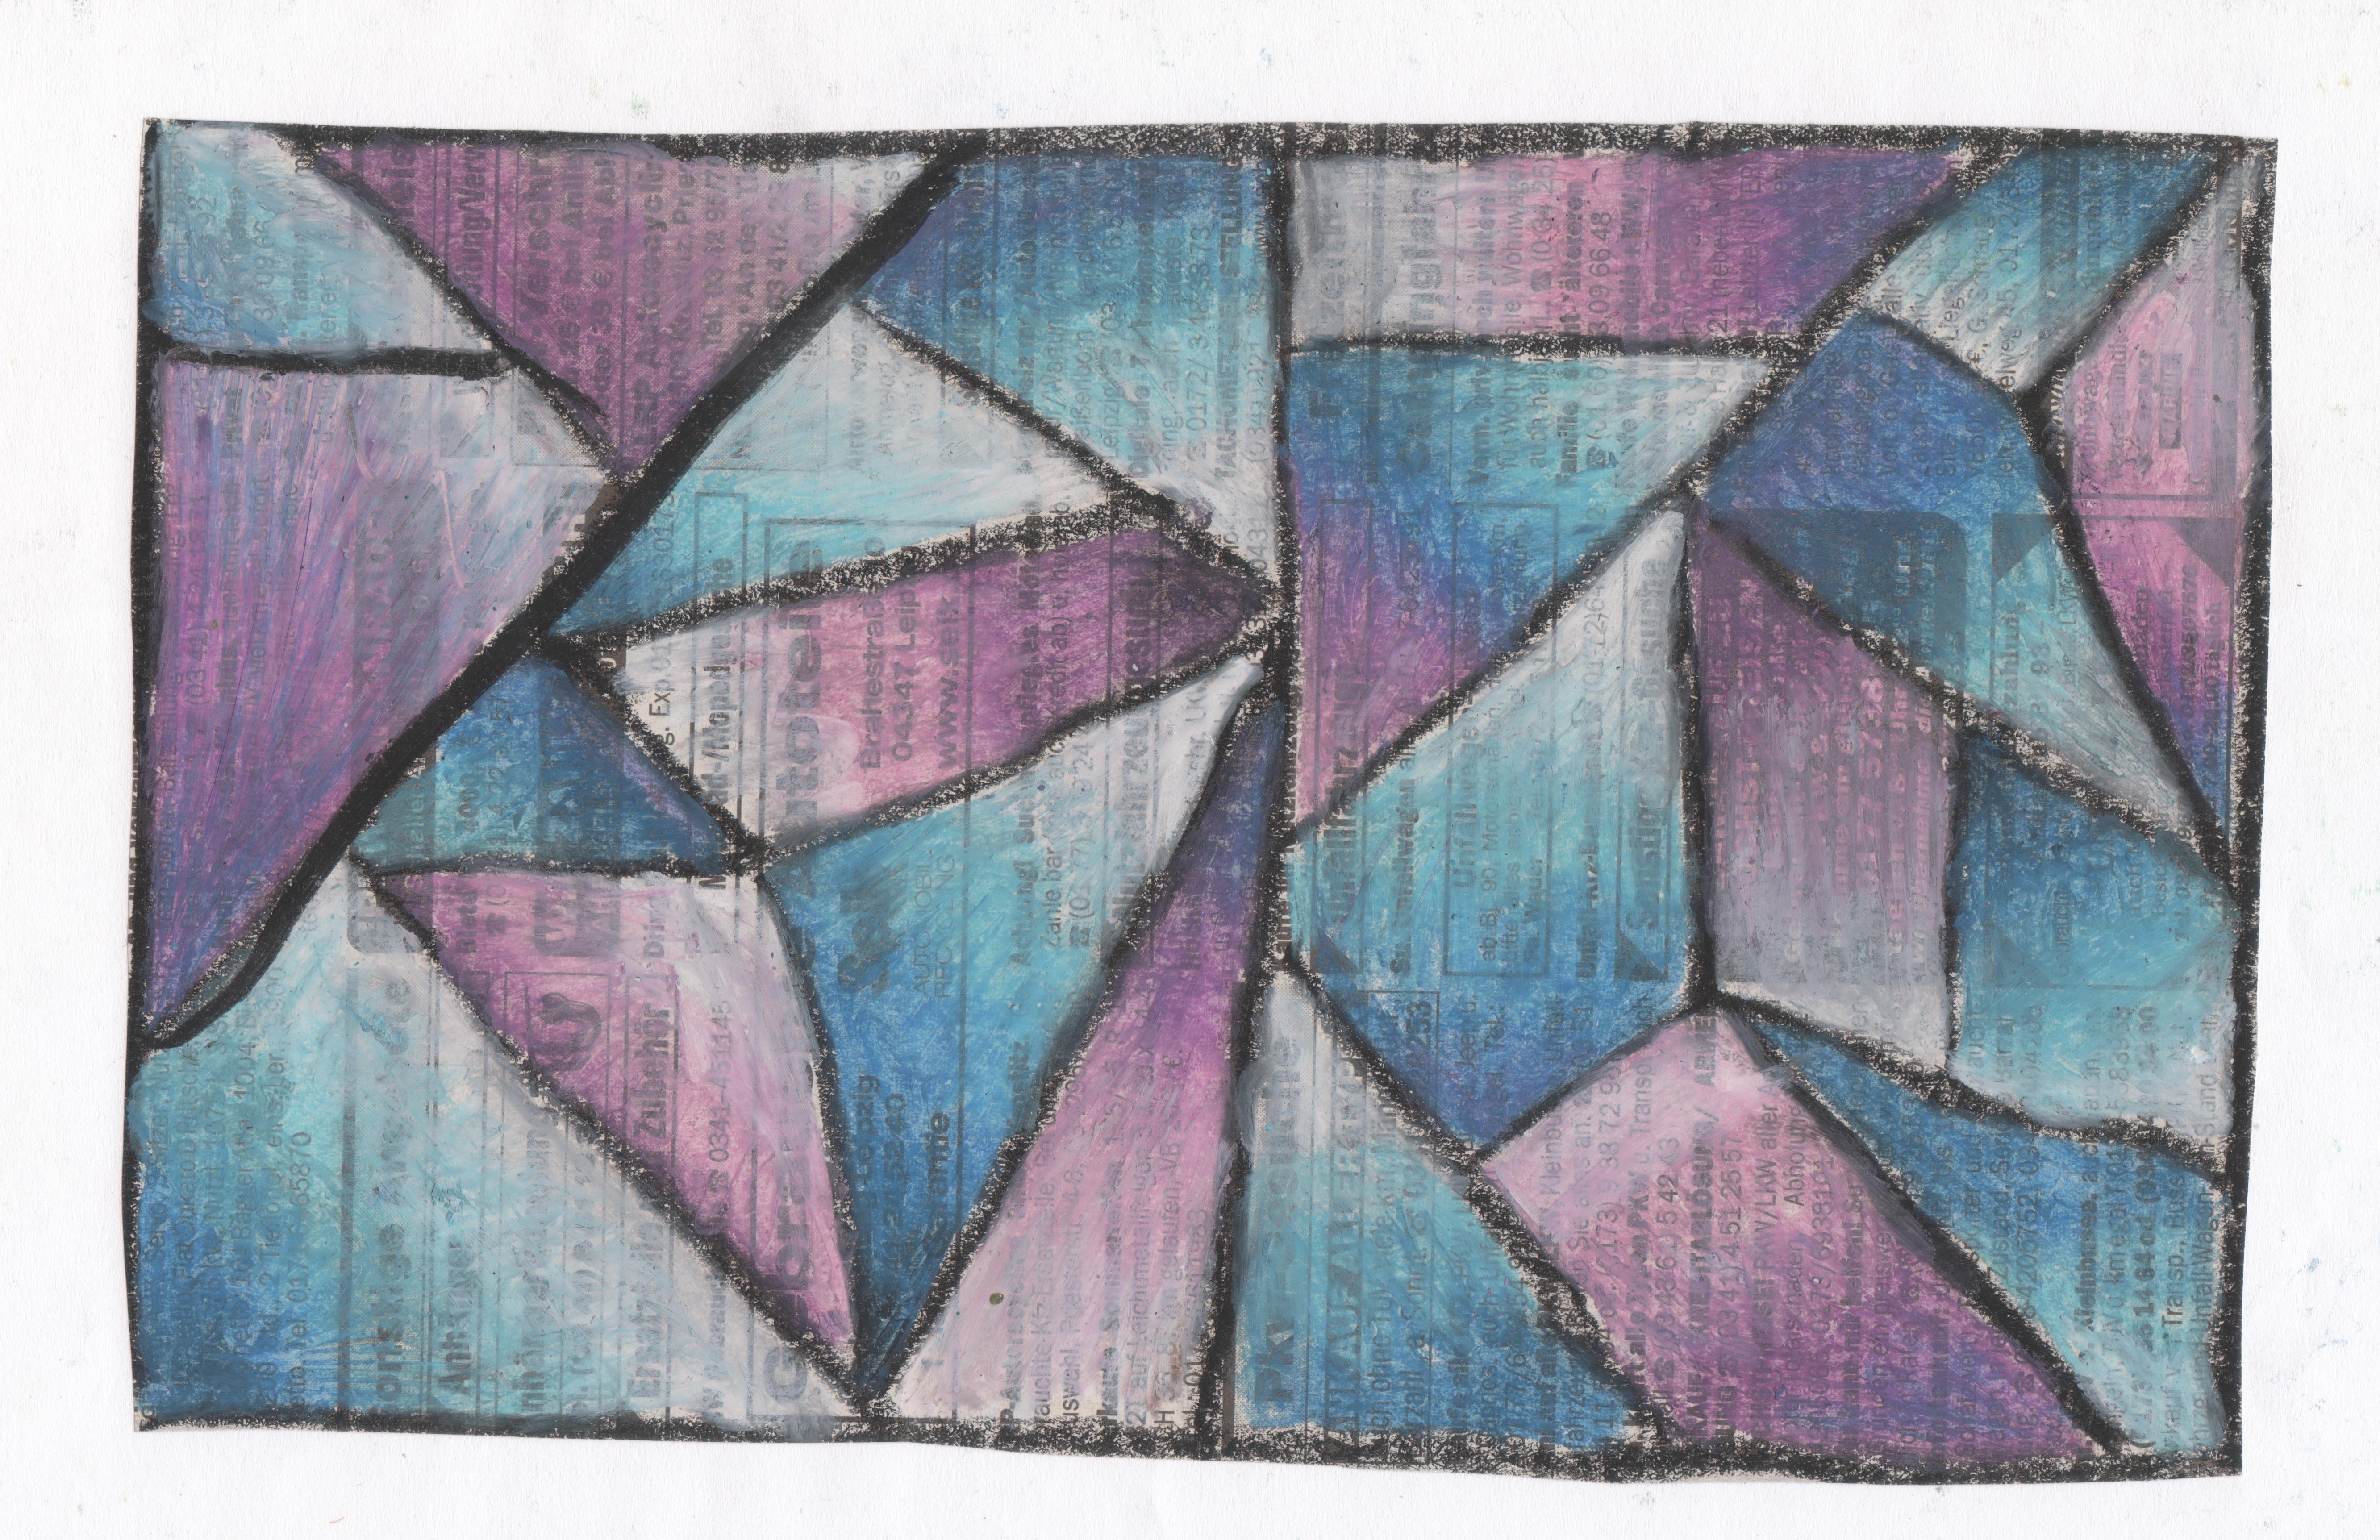 Farbmosaik 2